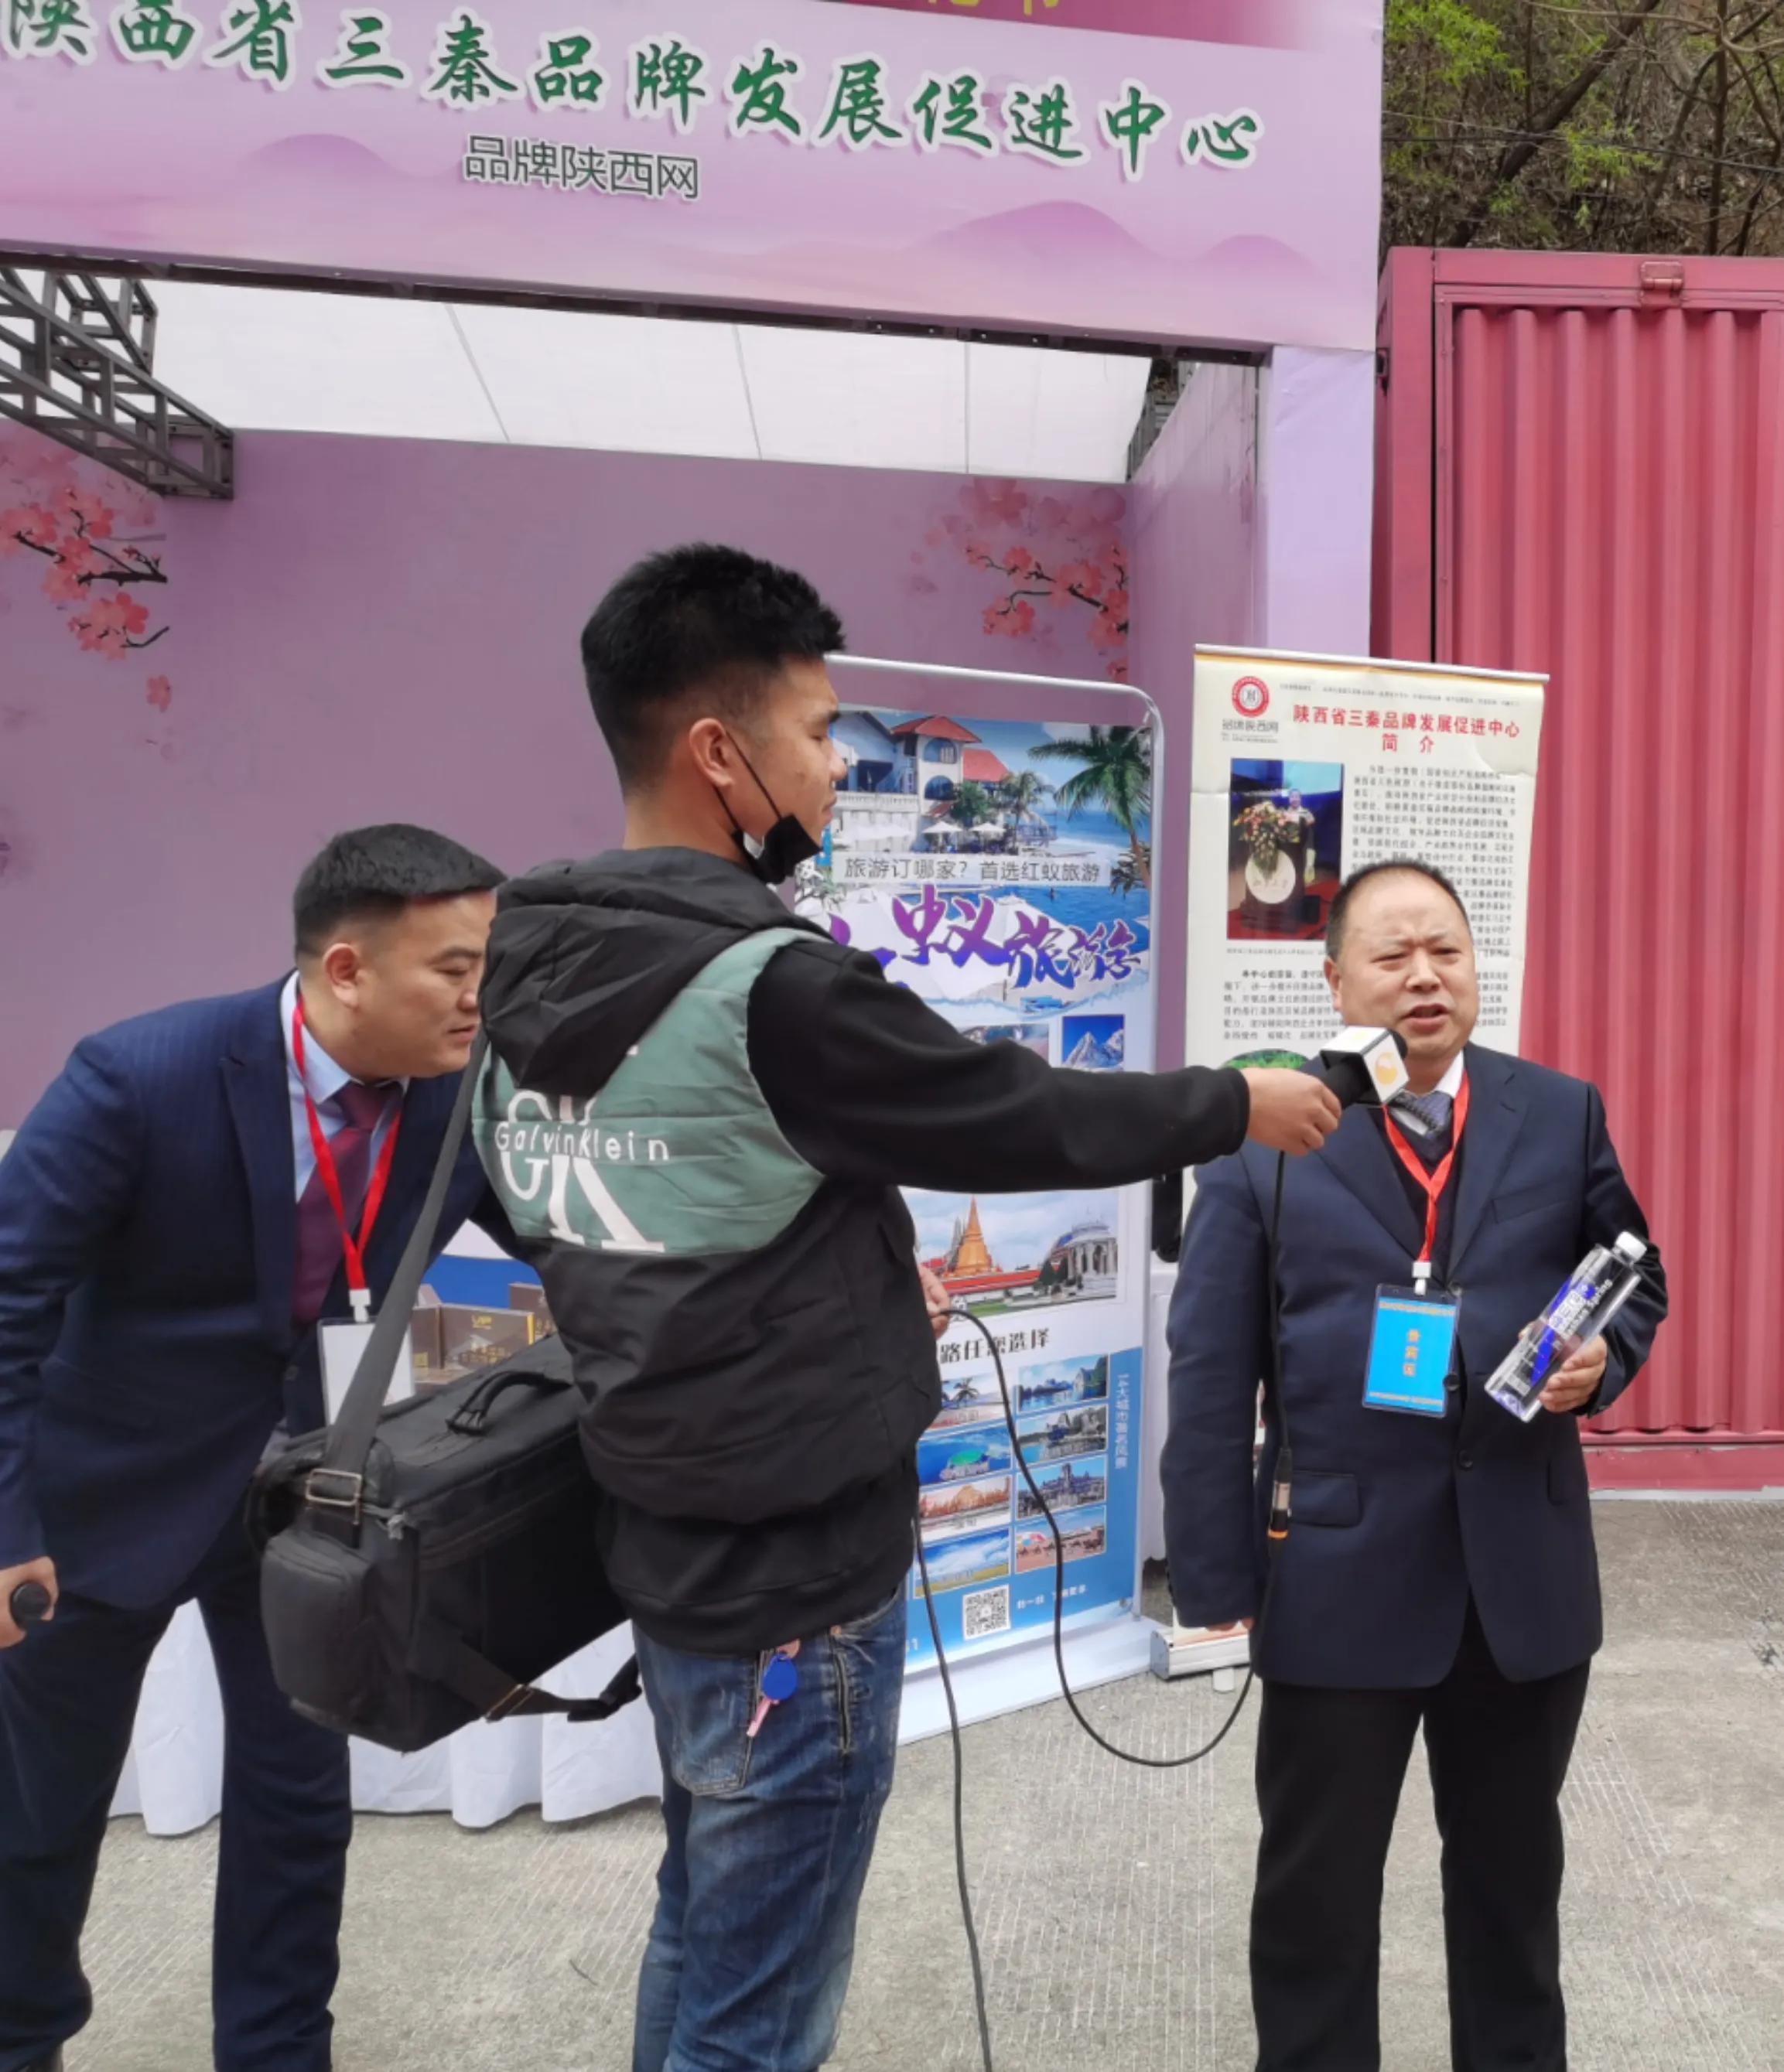 三秦品牌中心主任李俊成应邀全省特色助农旅游文化节的采访讲话